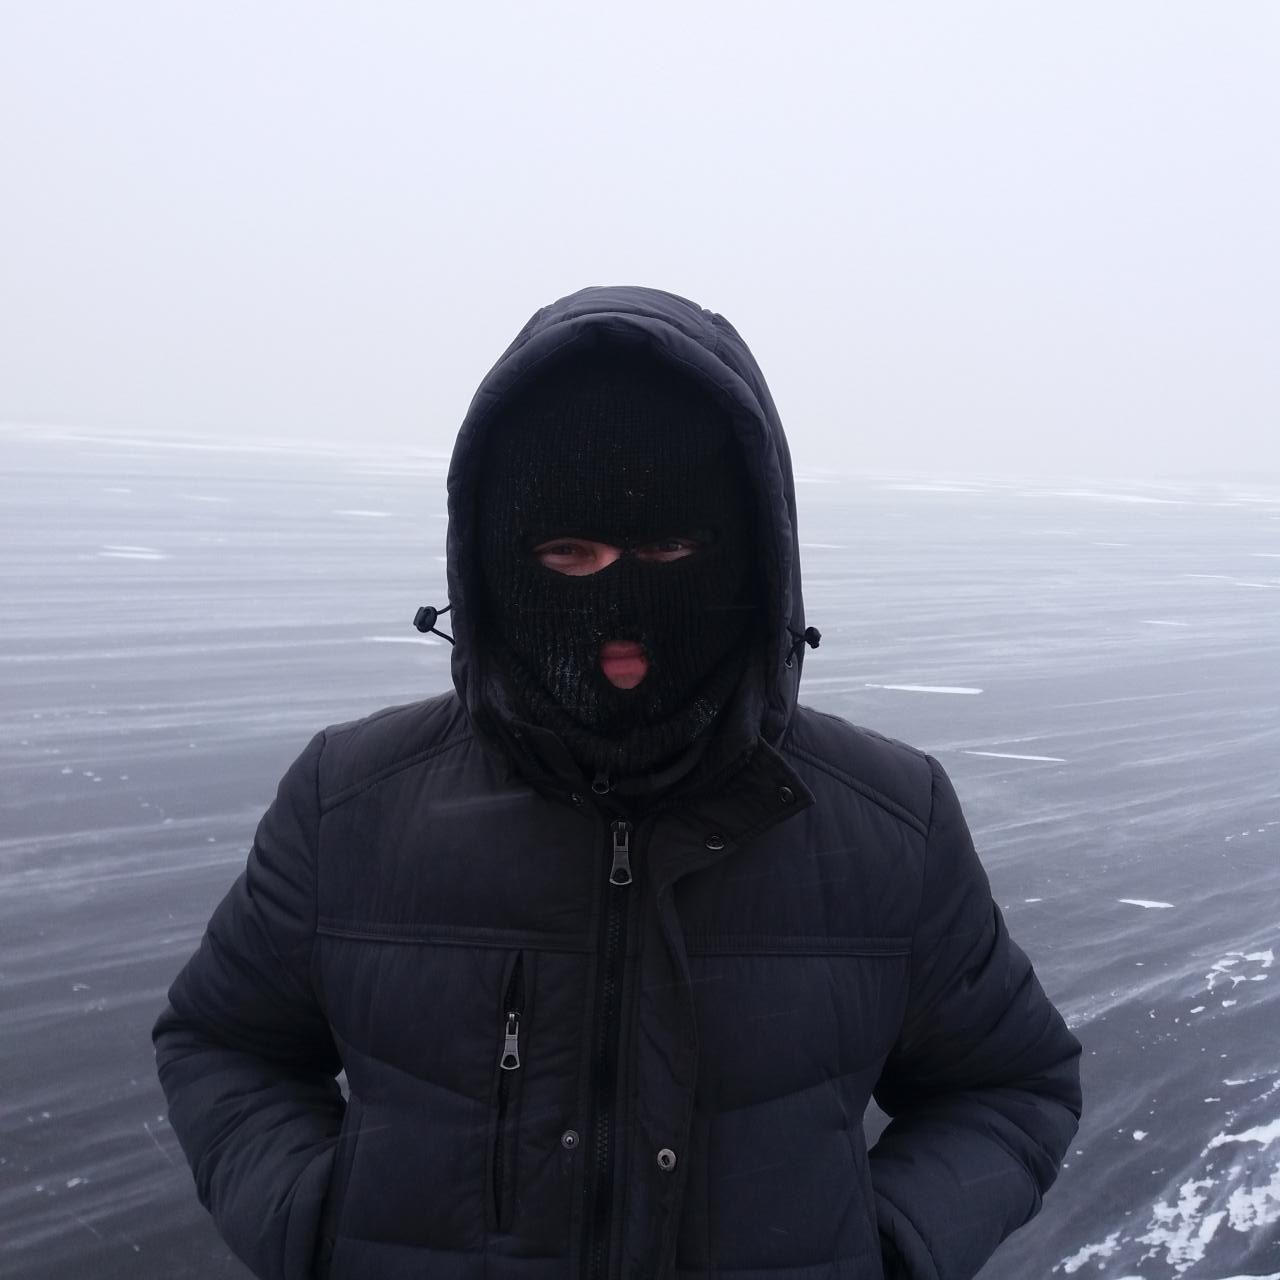 Едем сВилейки. Нерасчитывал на клев бели. С утра ... | Отчеты о рыбалке в Беларуси